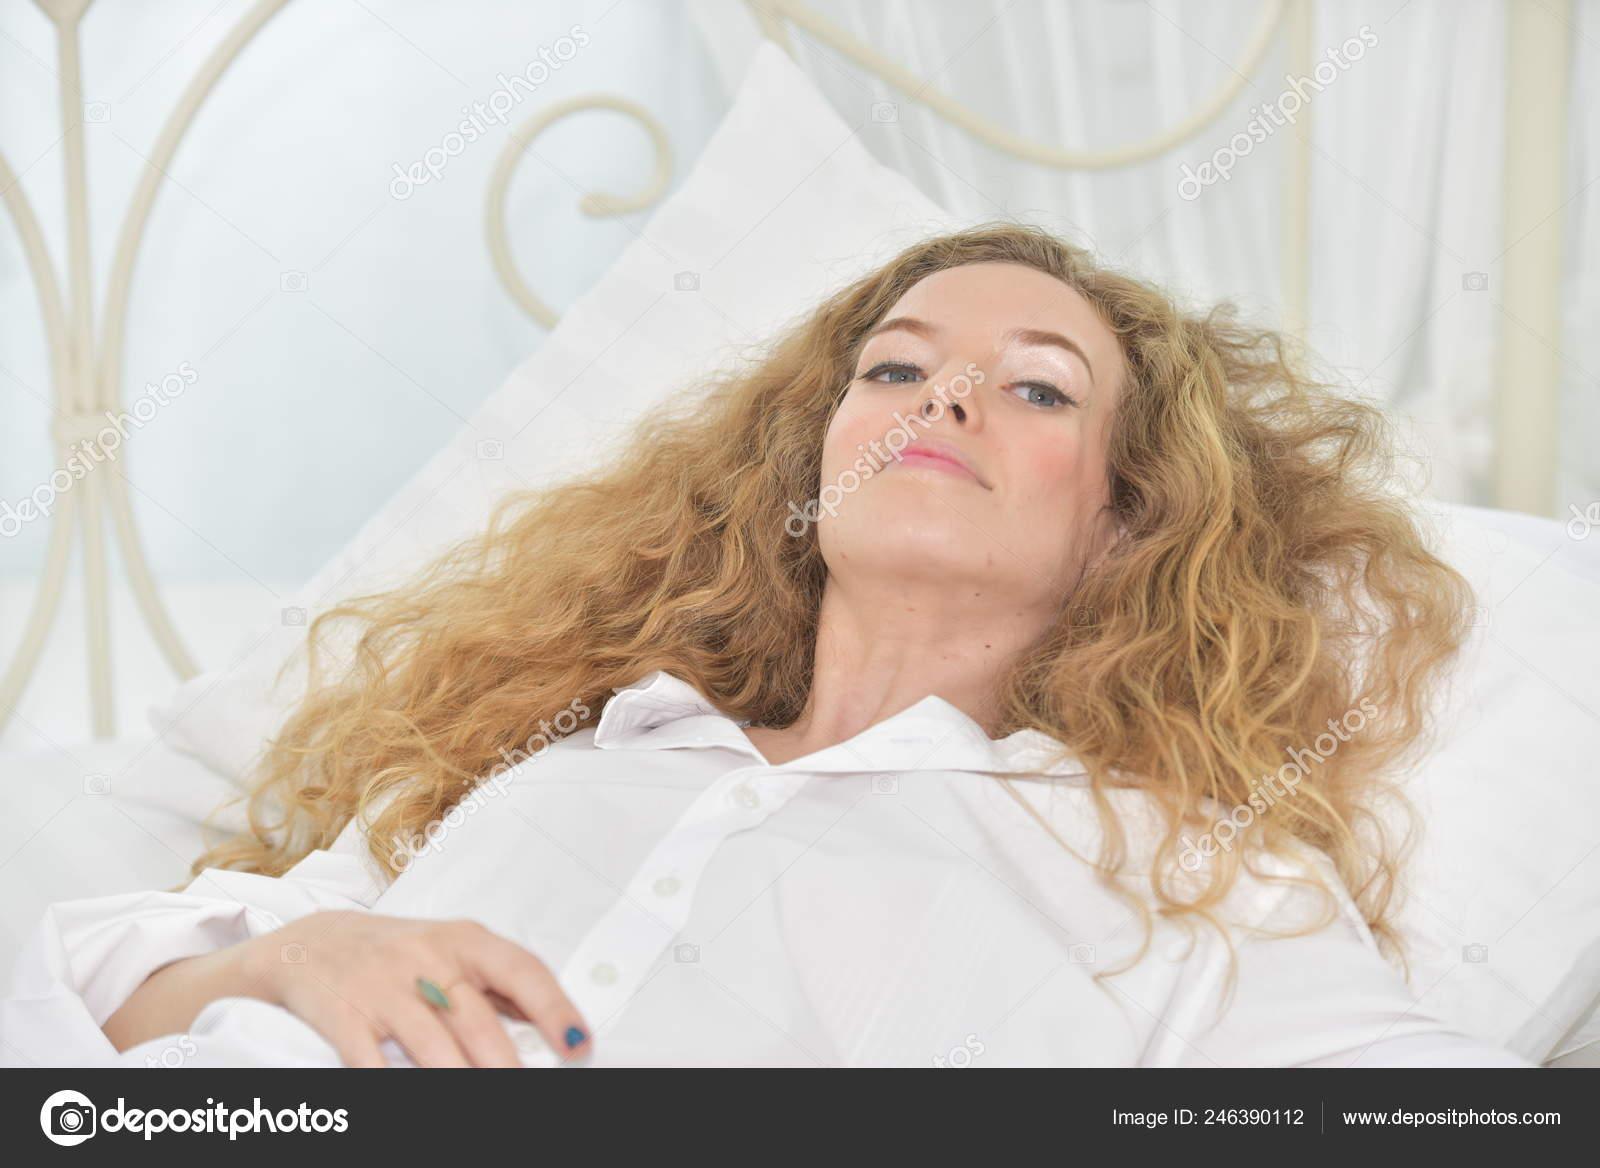 b5ef2219ca Retrato de una mujer joven y sexy hermosa y feliz. La ley de la mujer con  gestos cuando se levanta por la mañana